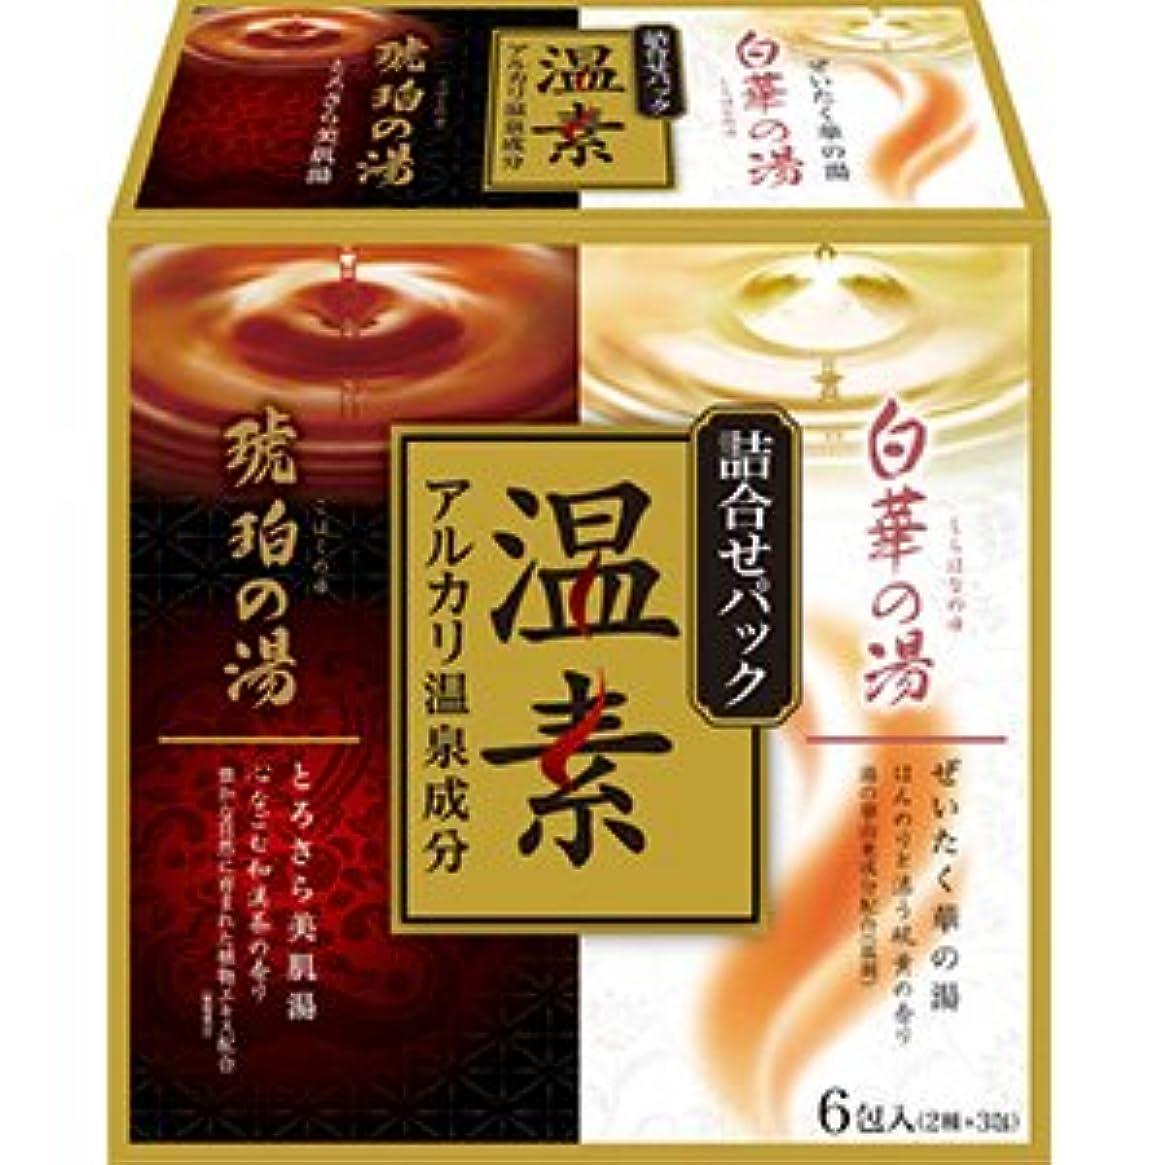 トライアスリート岩姉妹温素 琥珀の湯&白華の湯 詰合せパック × 16個セット